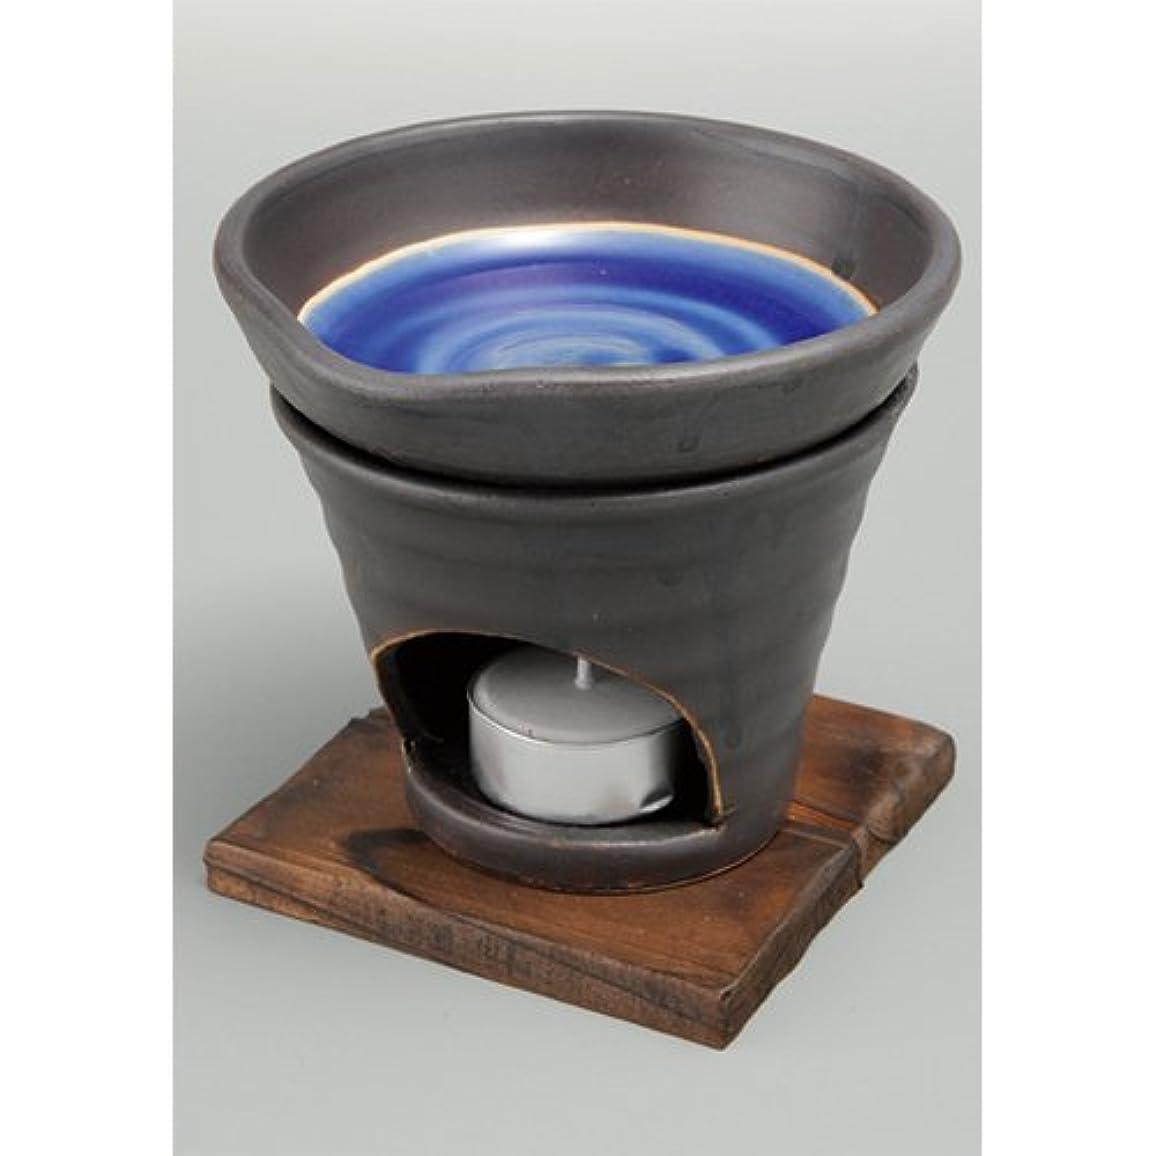 サイズ時間羨望香炉 黒釉 茶香炉(青) [R11.8xH11.5cm] HANDMADE プレゼント ギフト 和食器 かわいい インテリア